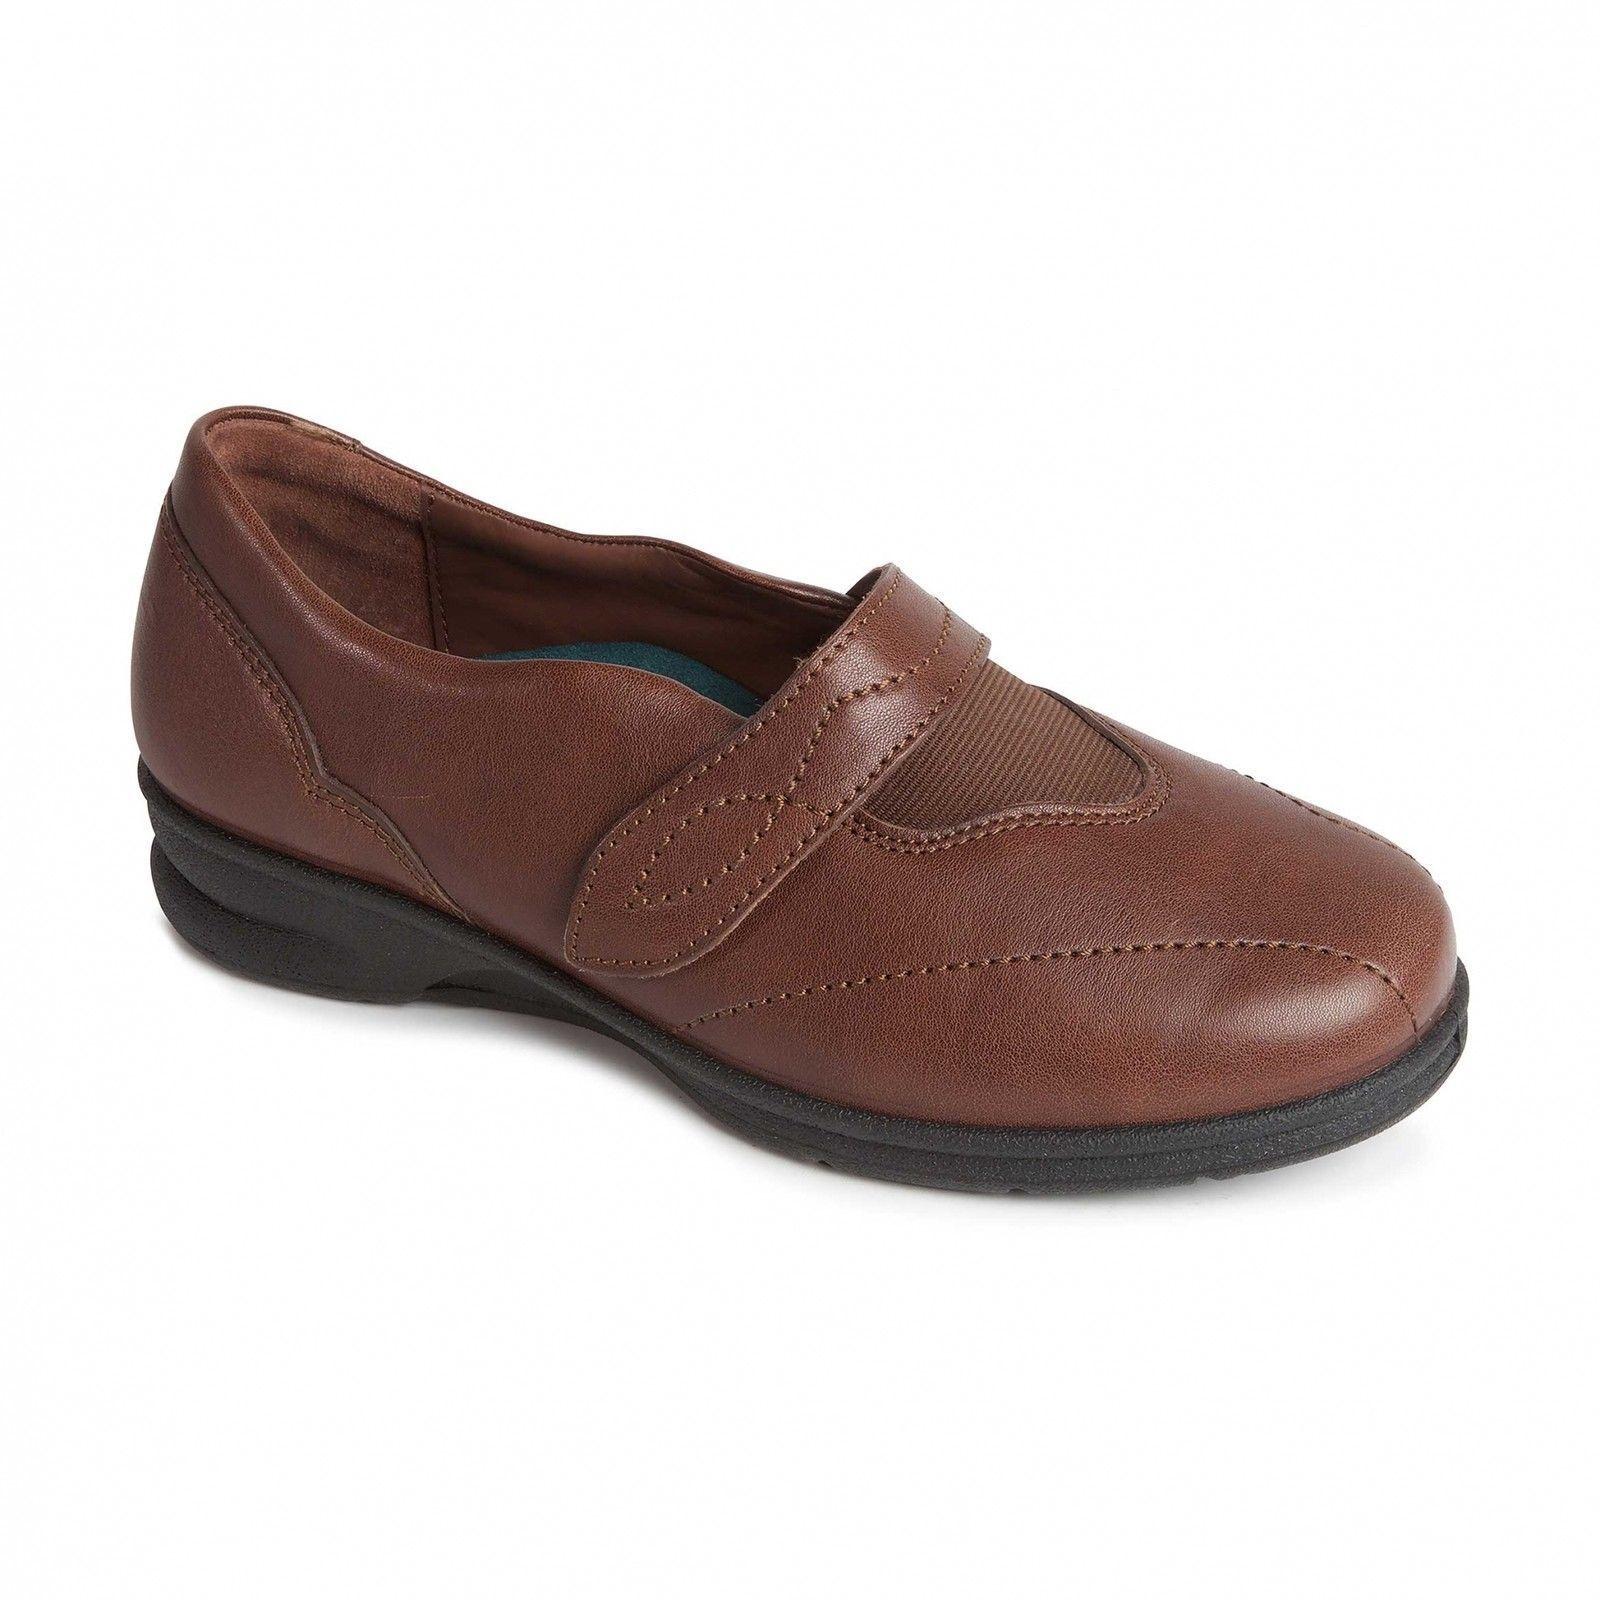 Moda barata y hermosa Descuento por tiempo limitado Padders KIRSTEN Ladies Womens Leather  Wide EEE Fitting Strap Shoes Brown